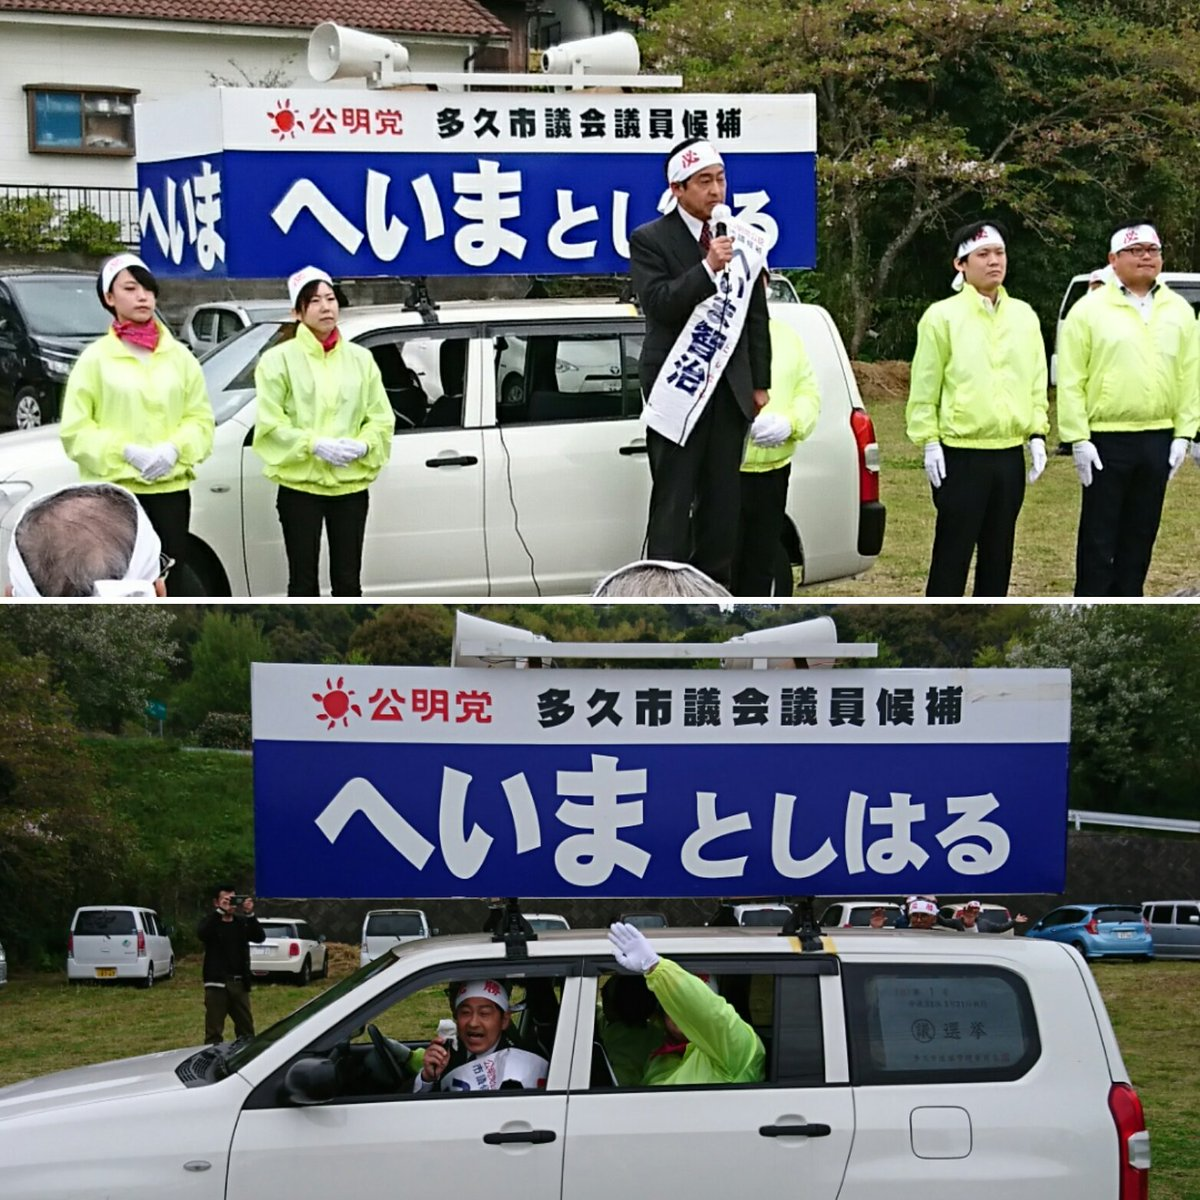 4月14日市議会議員選挙告示日☆<br /><br /><br /> 『へいま』候補は、水道料金の値下げを実現。ふれあいタクシーの運行で交通弱者対策に尽力しました。